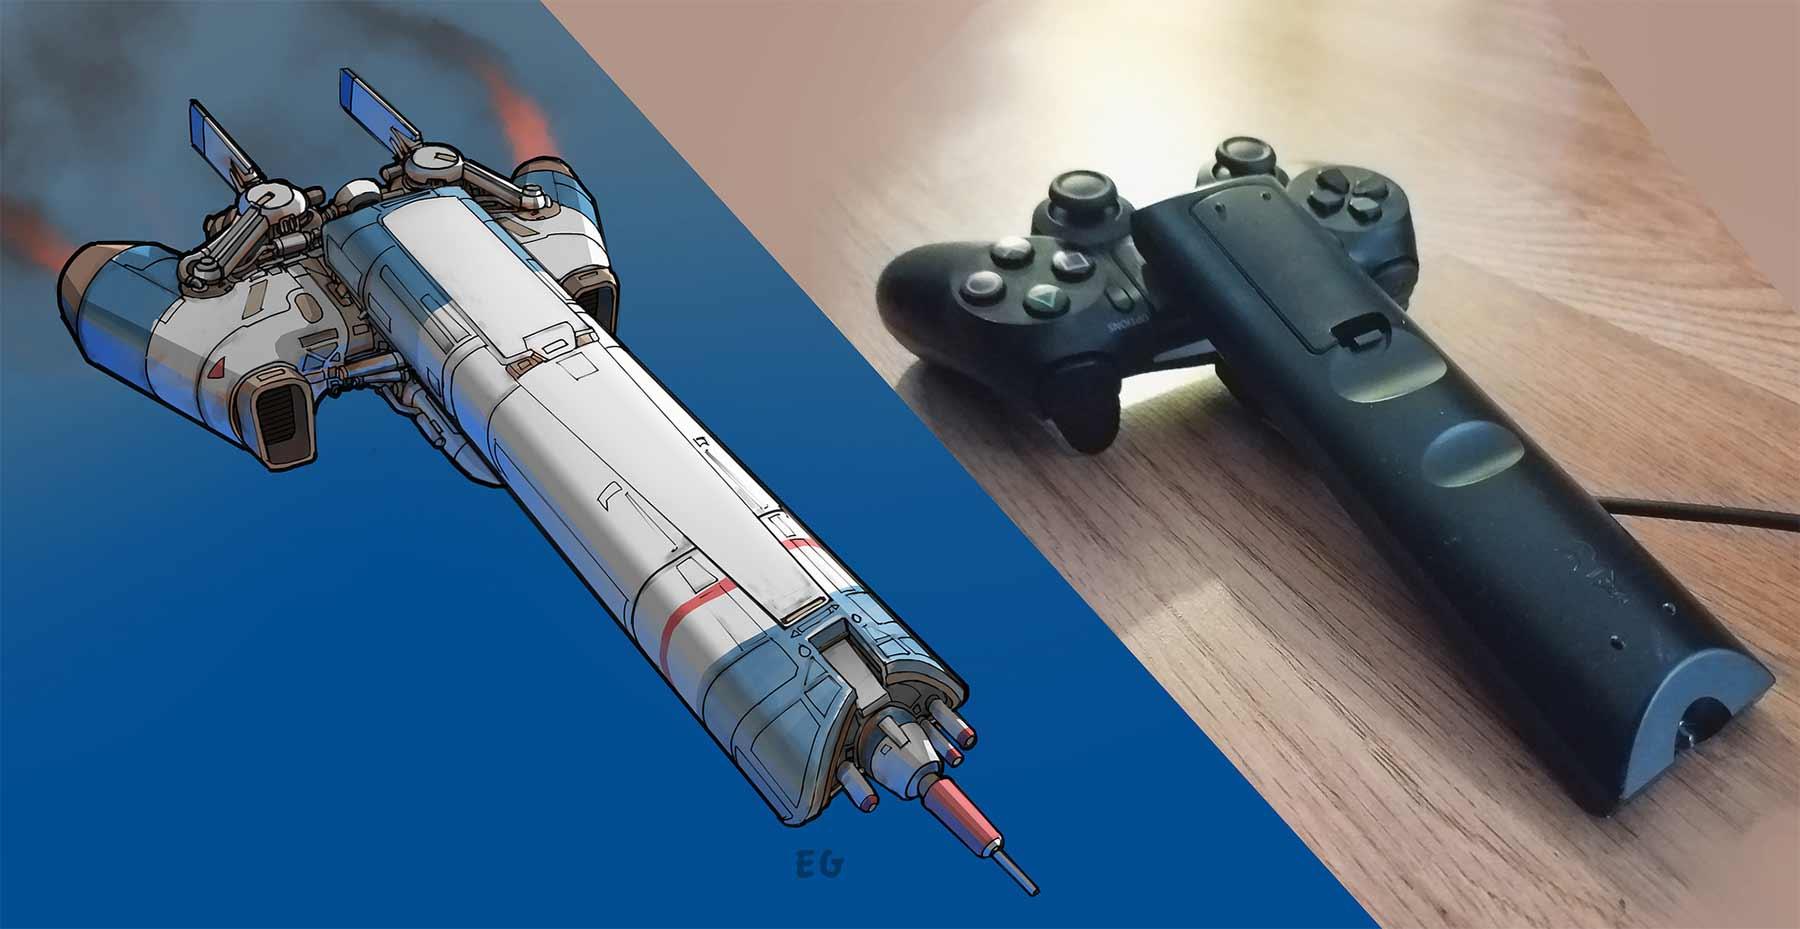 Aus langweiligen Alltagsgegenständen werden futuristische Raumschiffe Eric-Geusz_01